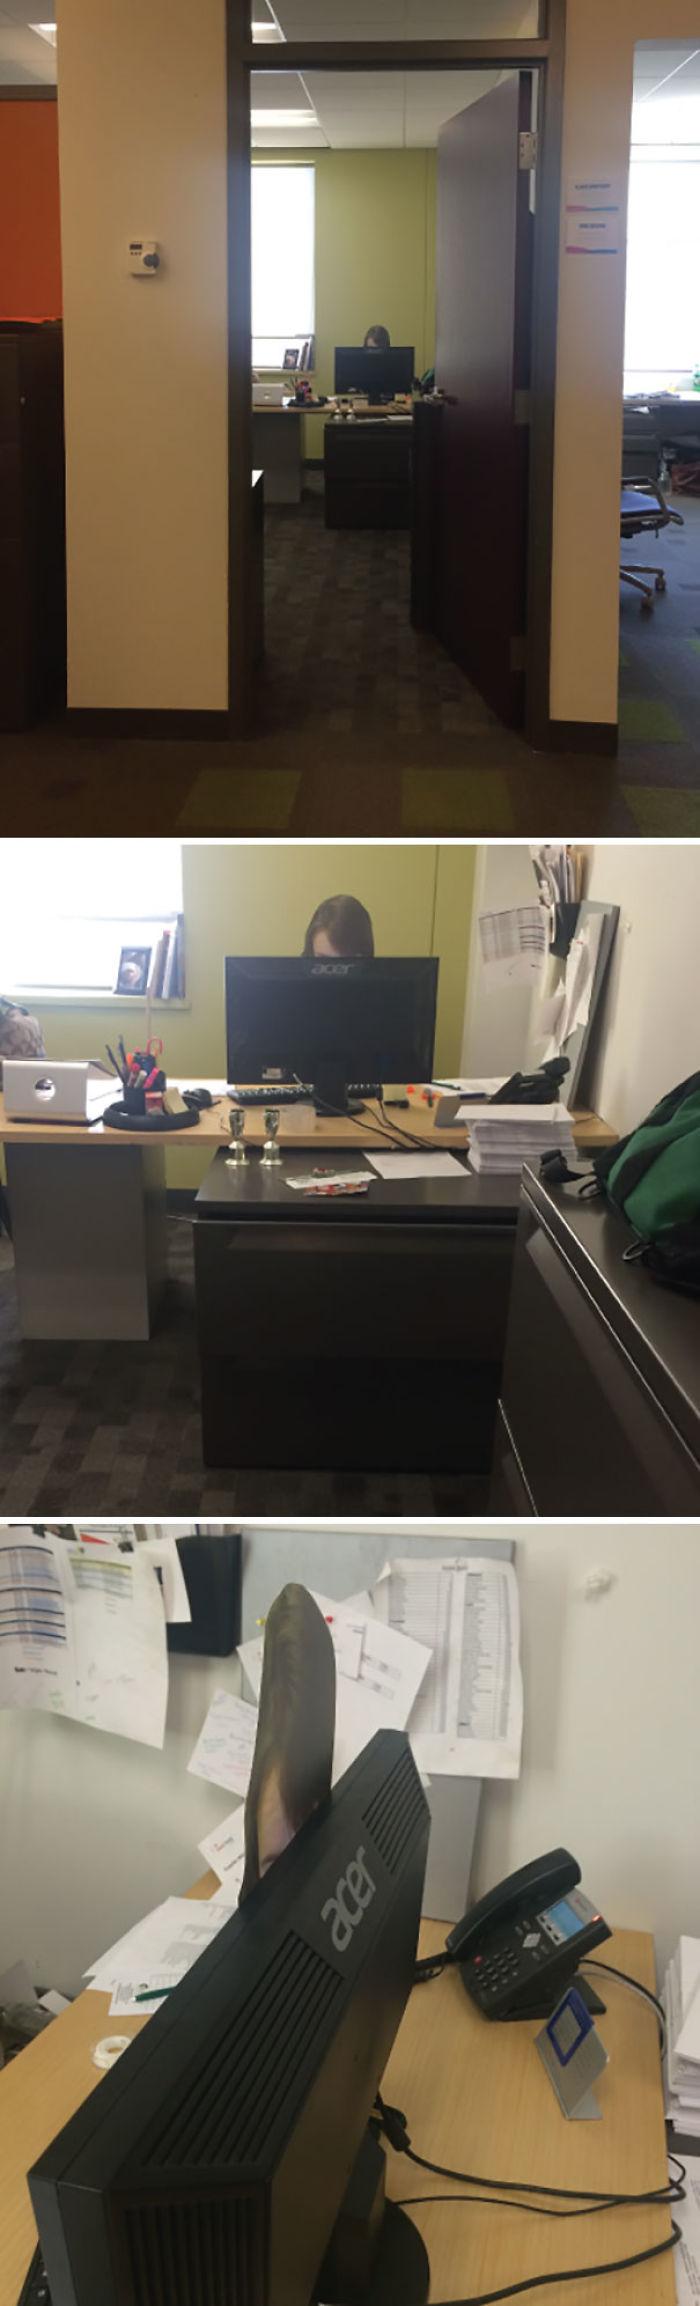 La gente comenta lo tarde que me quedo en la oficina